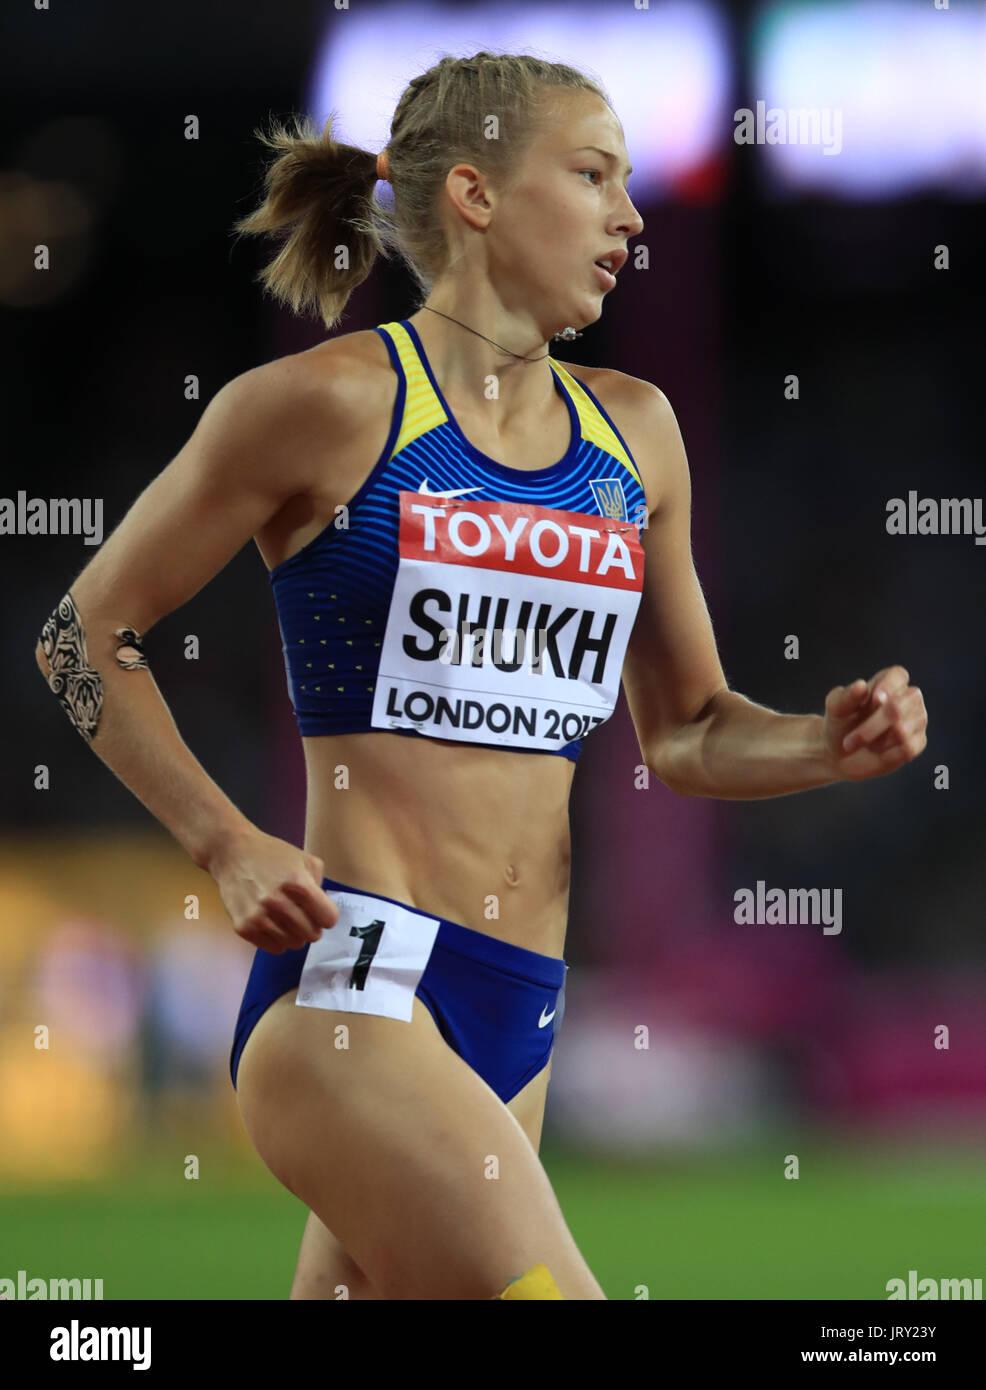 Alina Shukh